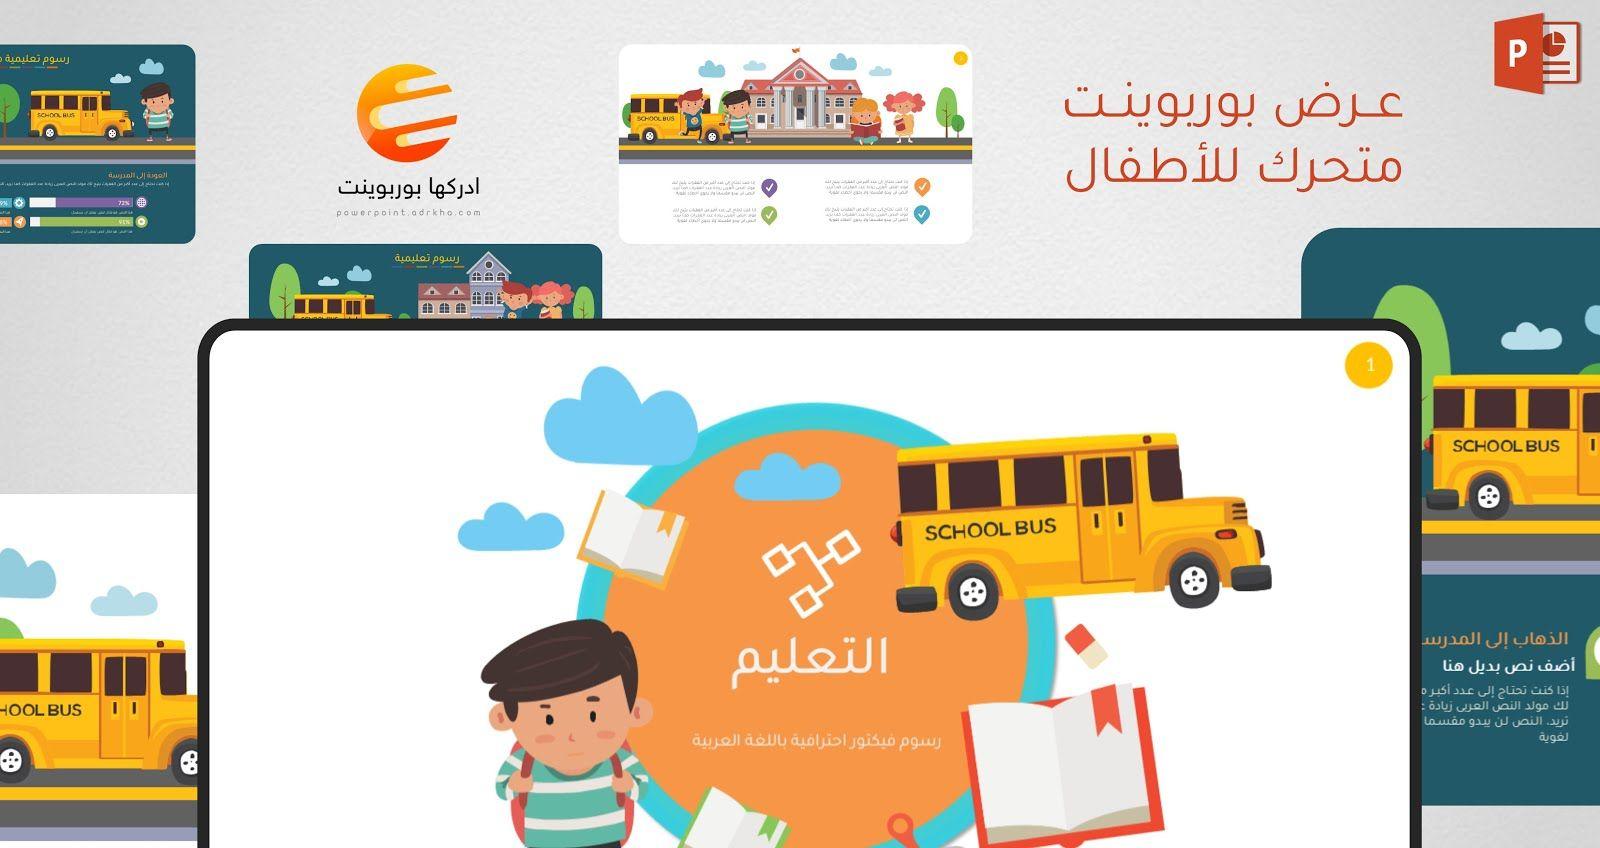 عرض بوربوينت عربي تعليمي للأطفال بحركات لطيفة Winter Activities Preschool Preschool Learning Arabic Kids